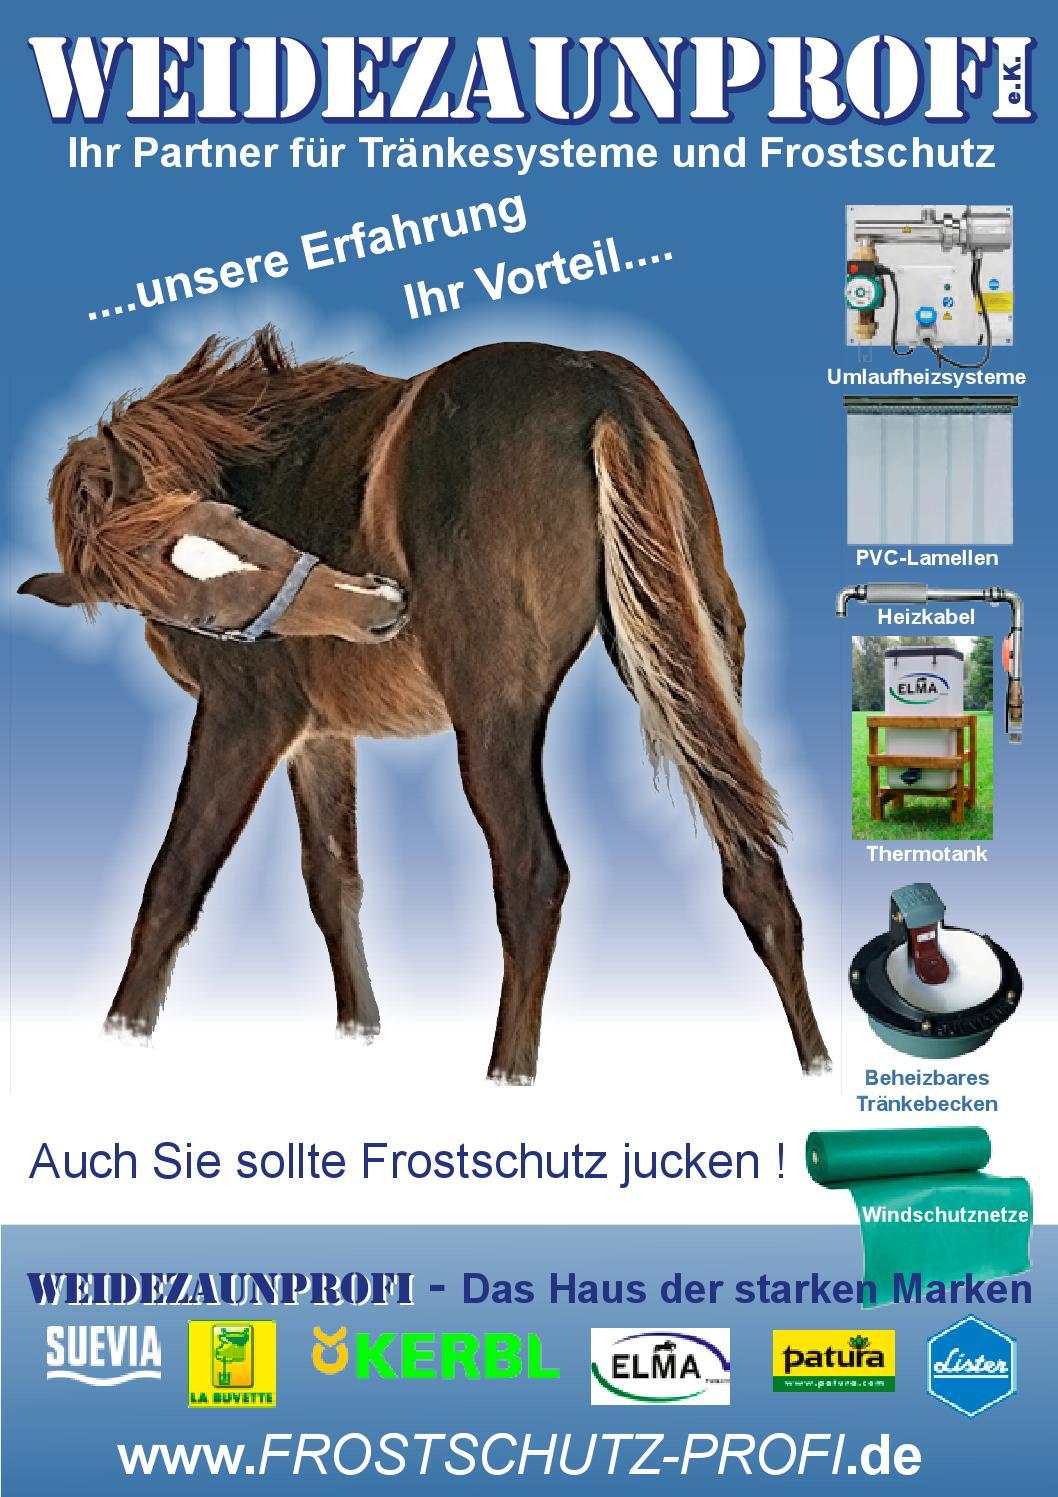 Frostschutzkatalog 2013 by Ragna Macke - issuu